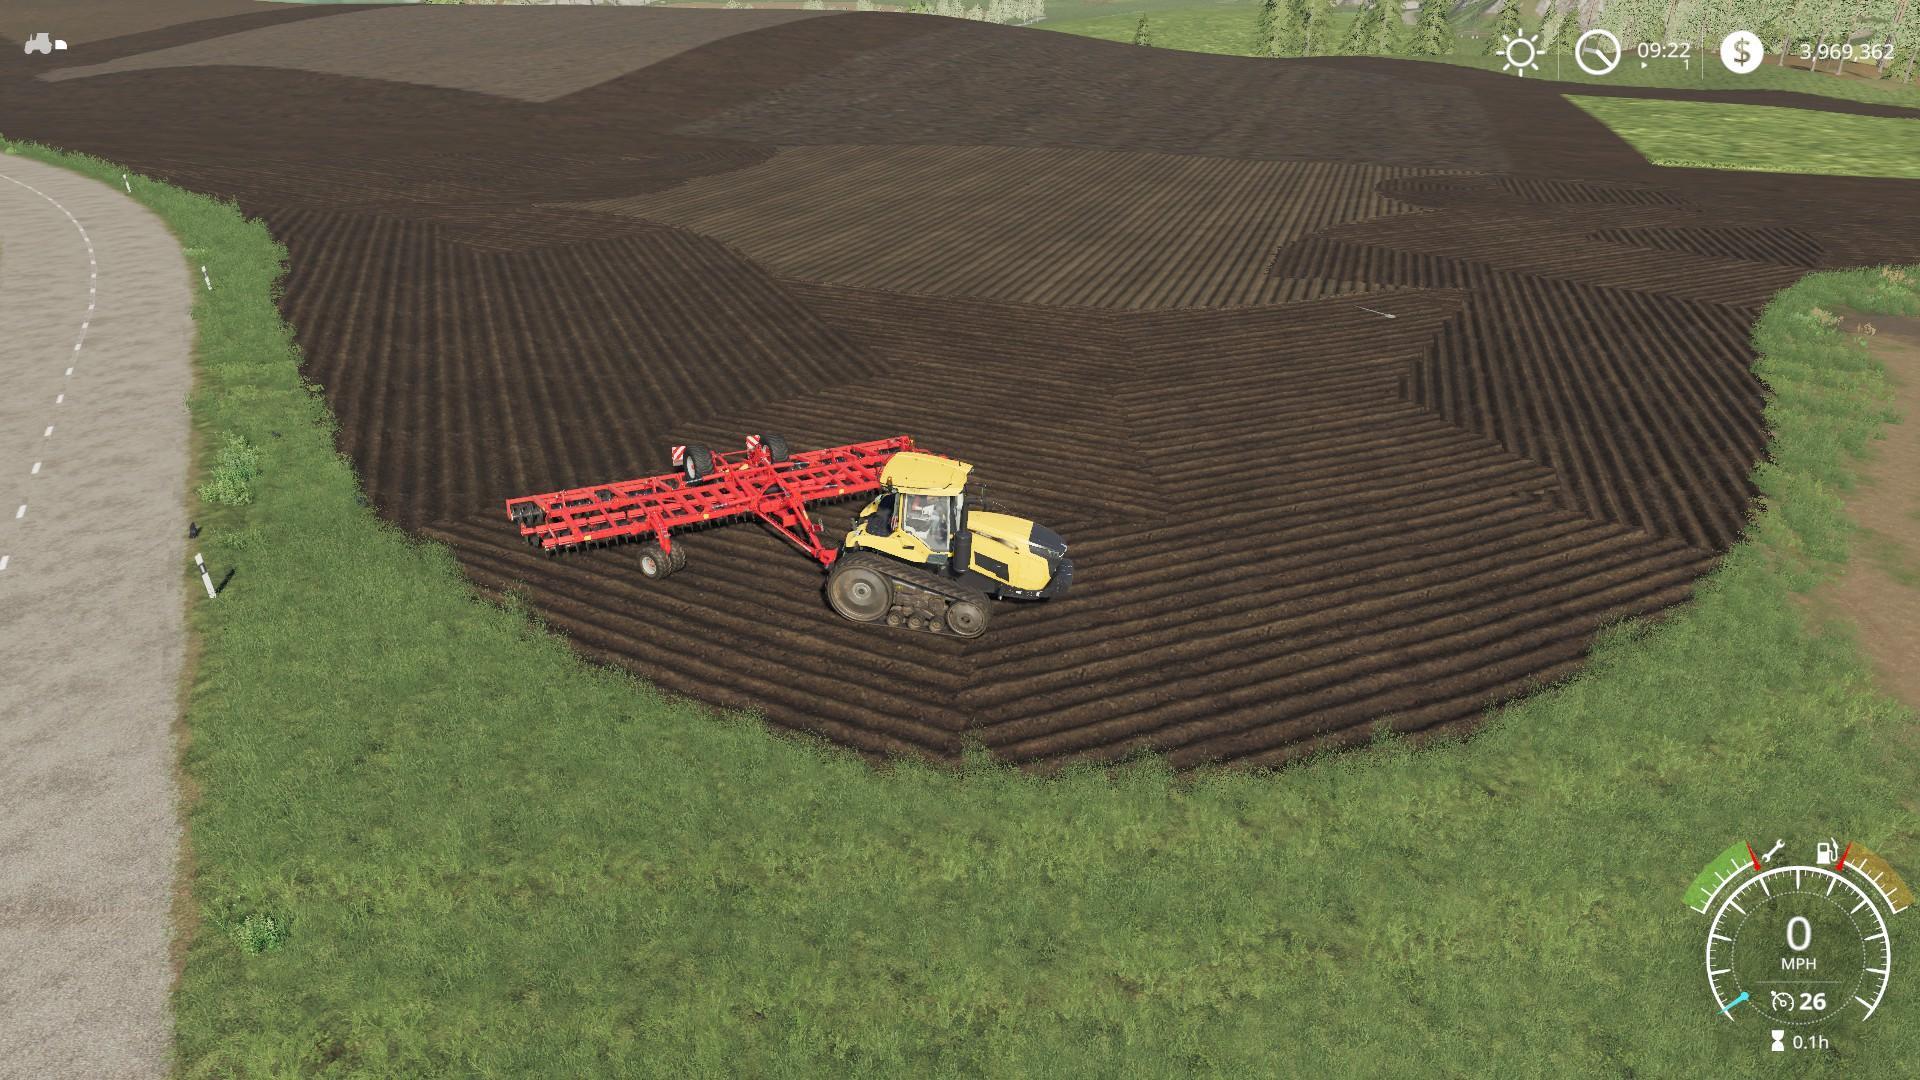 Joker12RT plow v 1 0 | FS19 mods, Farming simulator 19 mods